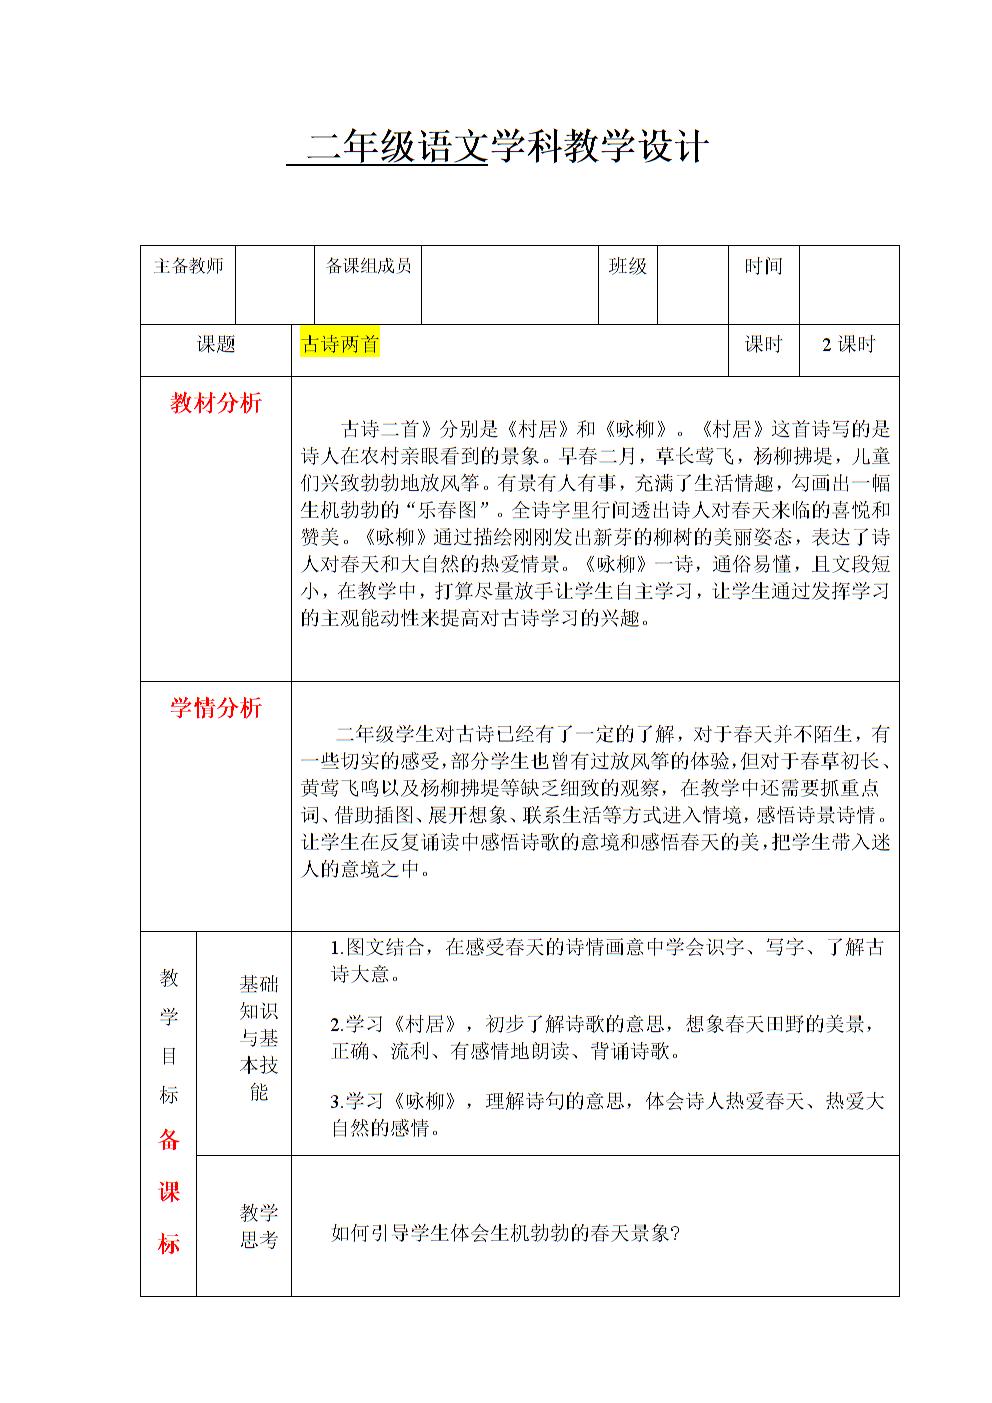 二年级语文九备课程教学设计《村居》《咏柳》.docx